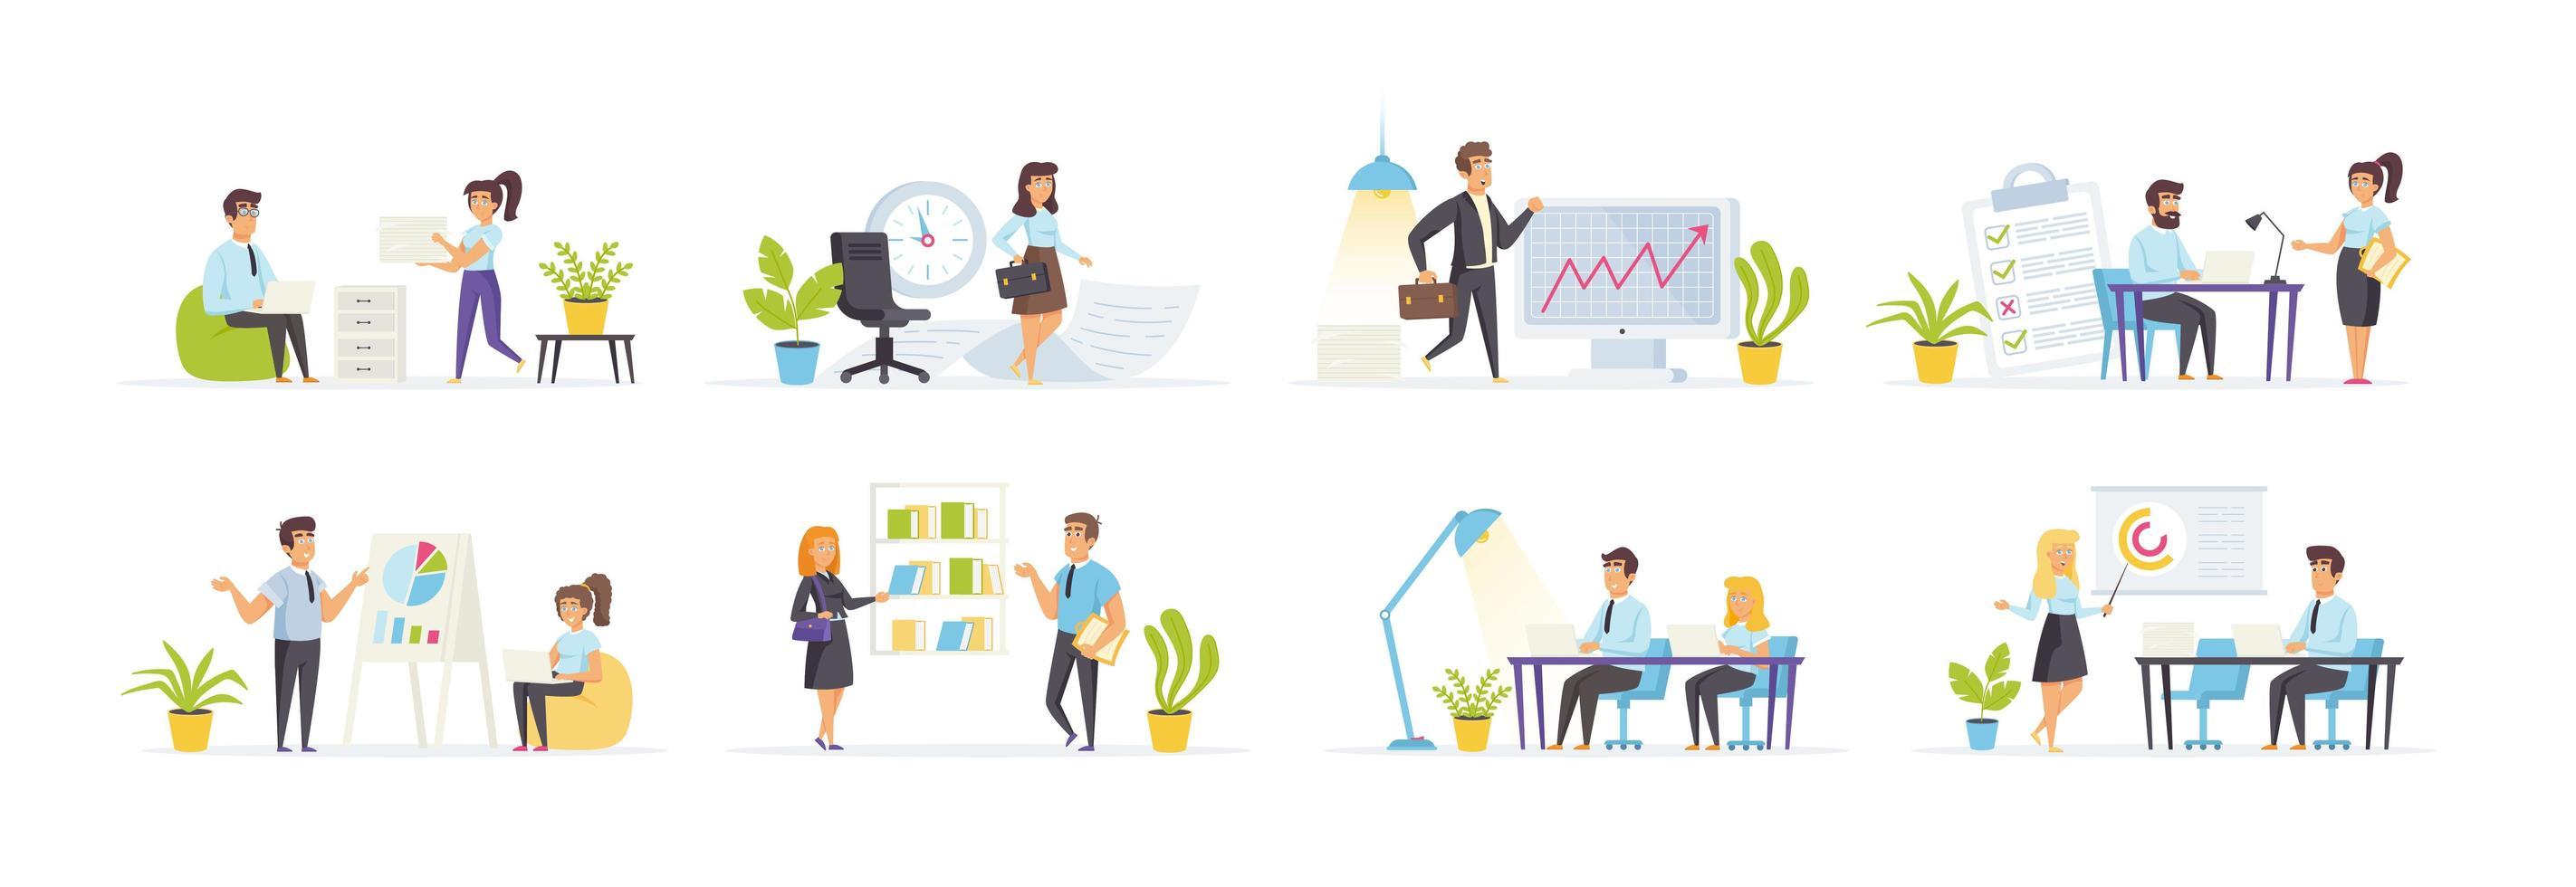 kantoorbeheer ingesteld met personenpersonages vector